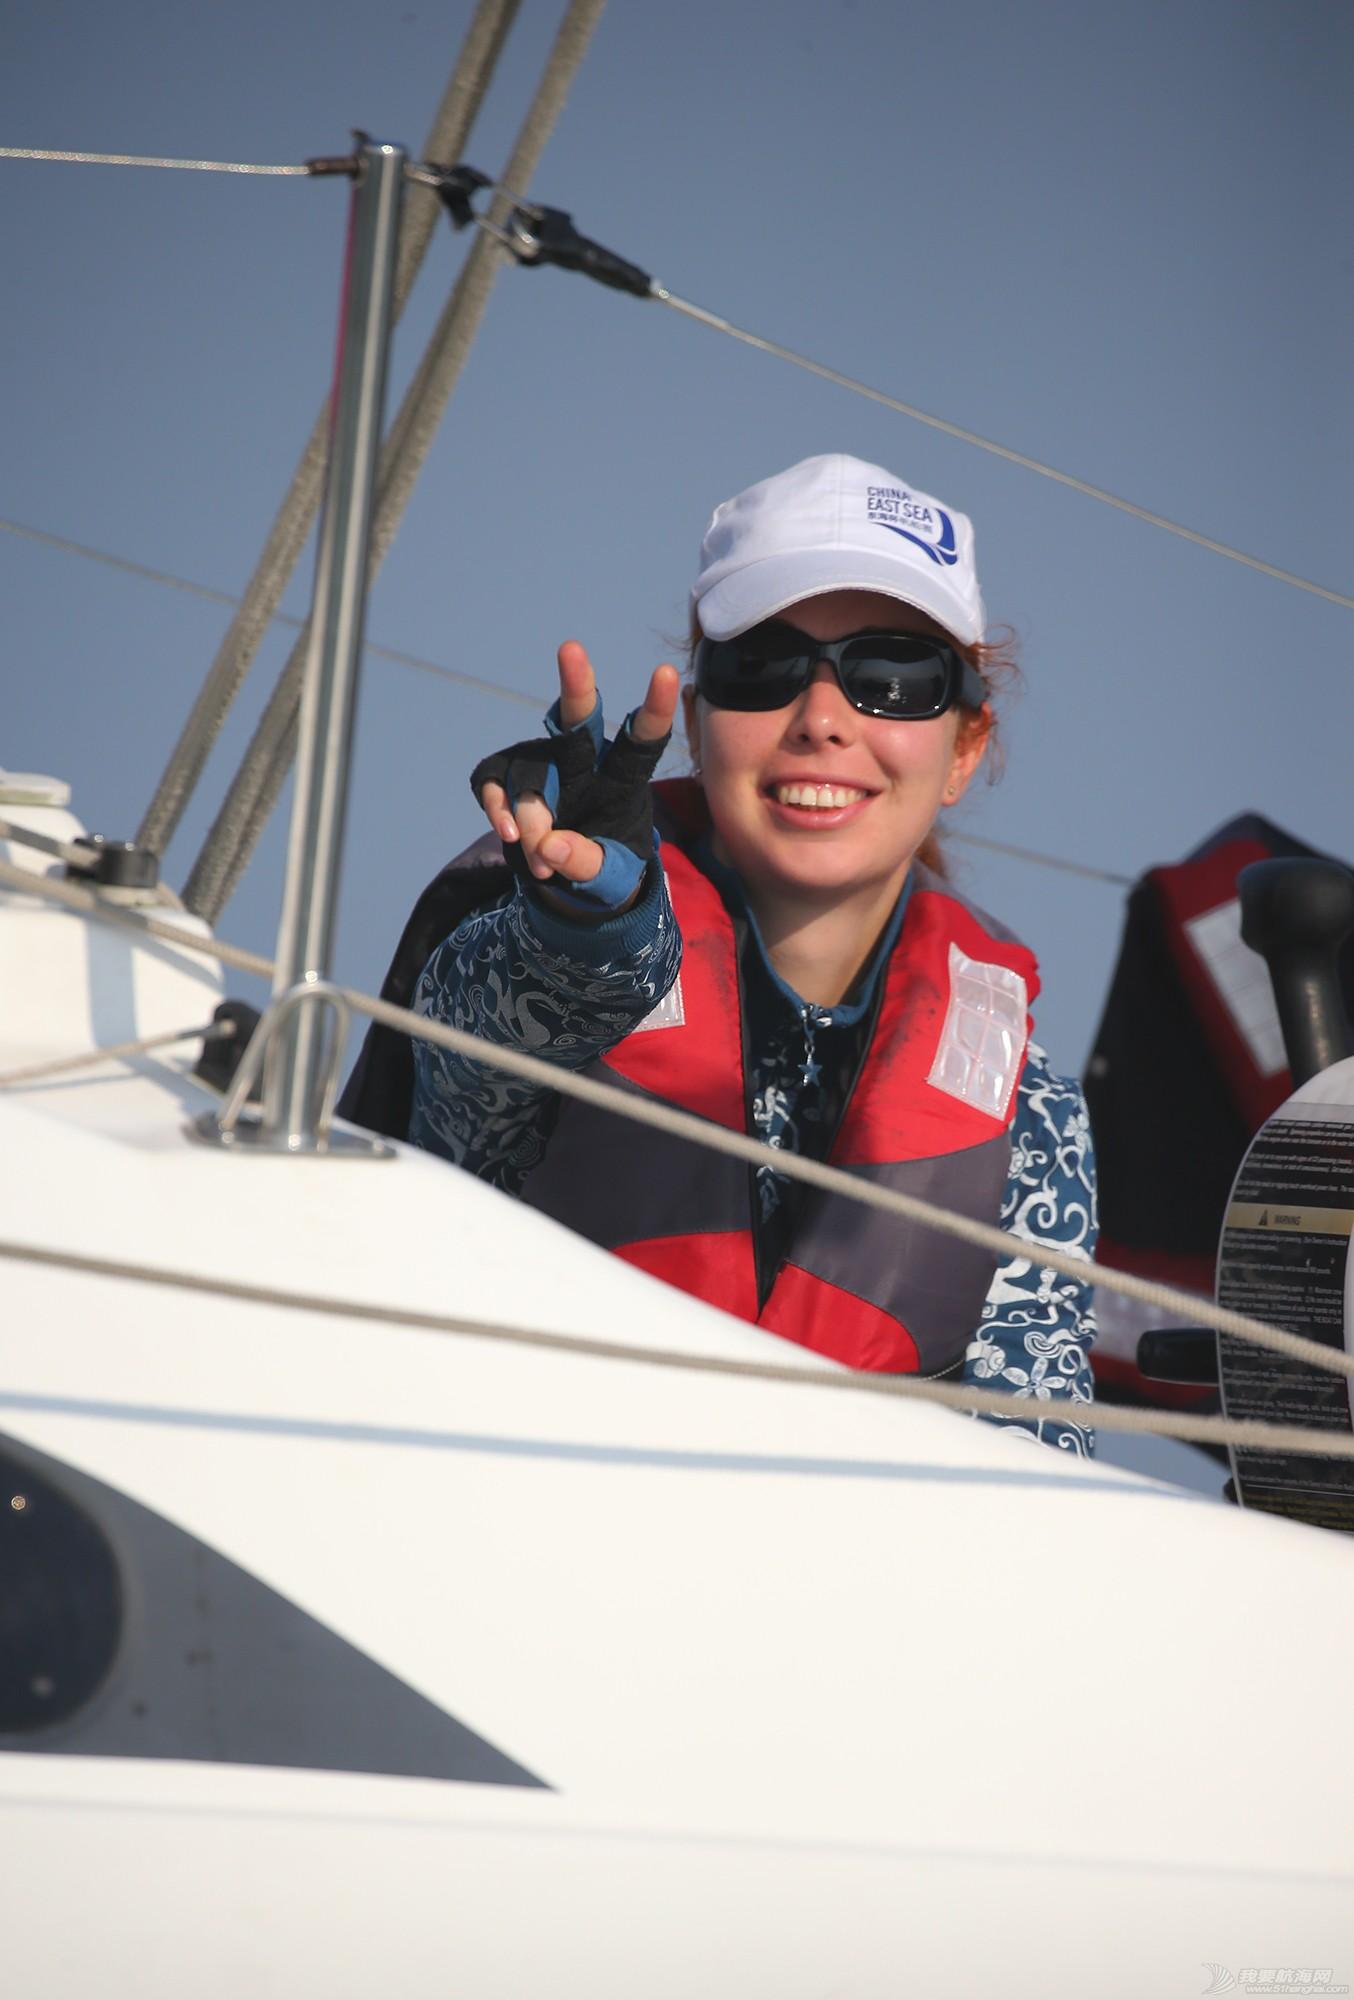 """拉力赛,帆船,太湖 2016""""菱湖湾杯""""环太湖帆船拉力赛参赛船队、船员风采 E78W1613.JPG"""